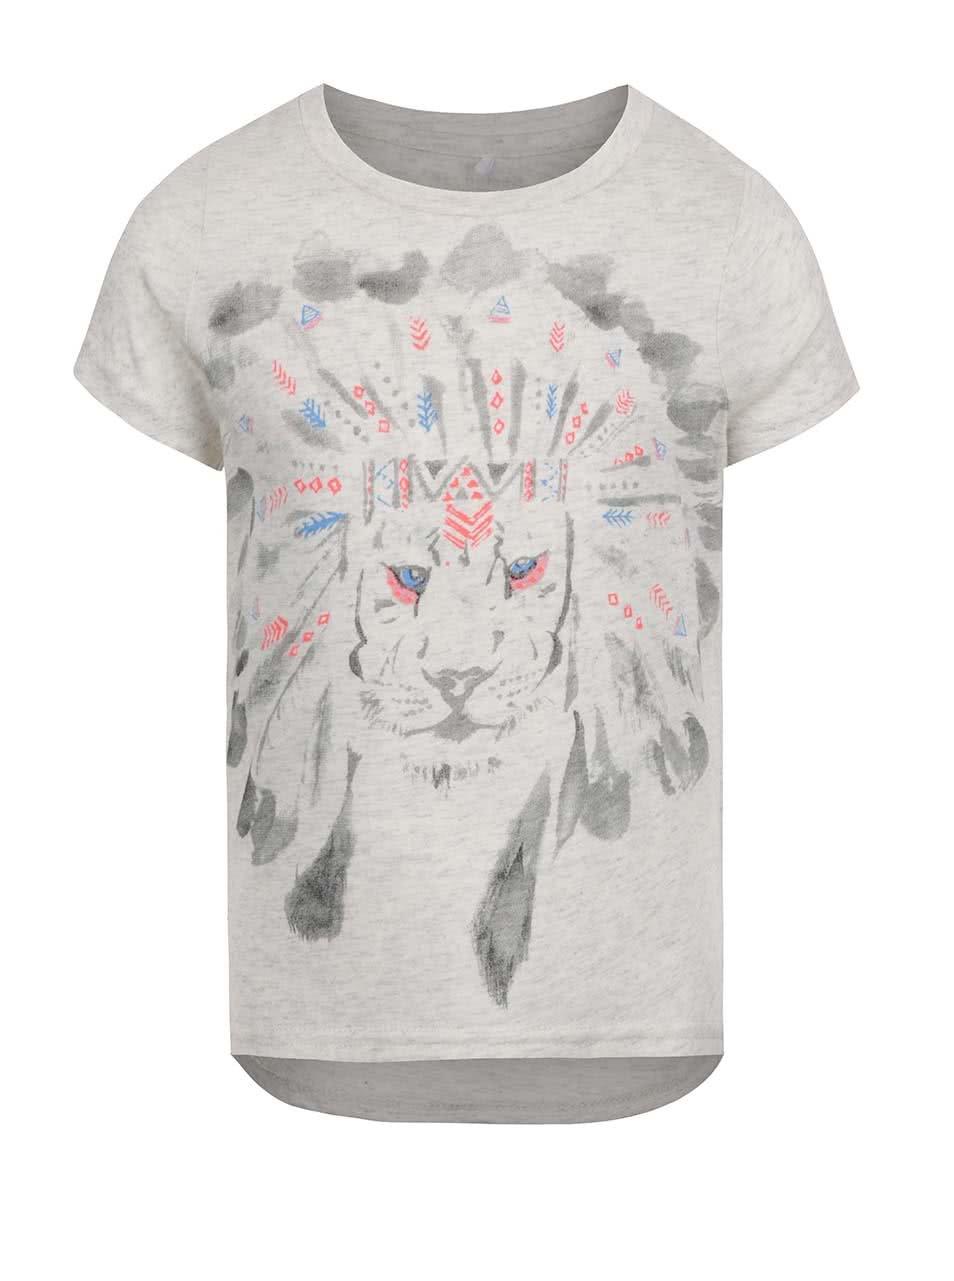 Sivé dievčenské tričko s potlačou lva name it Kion